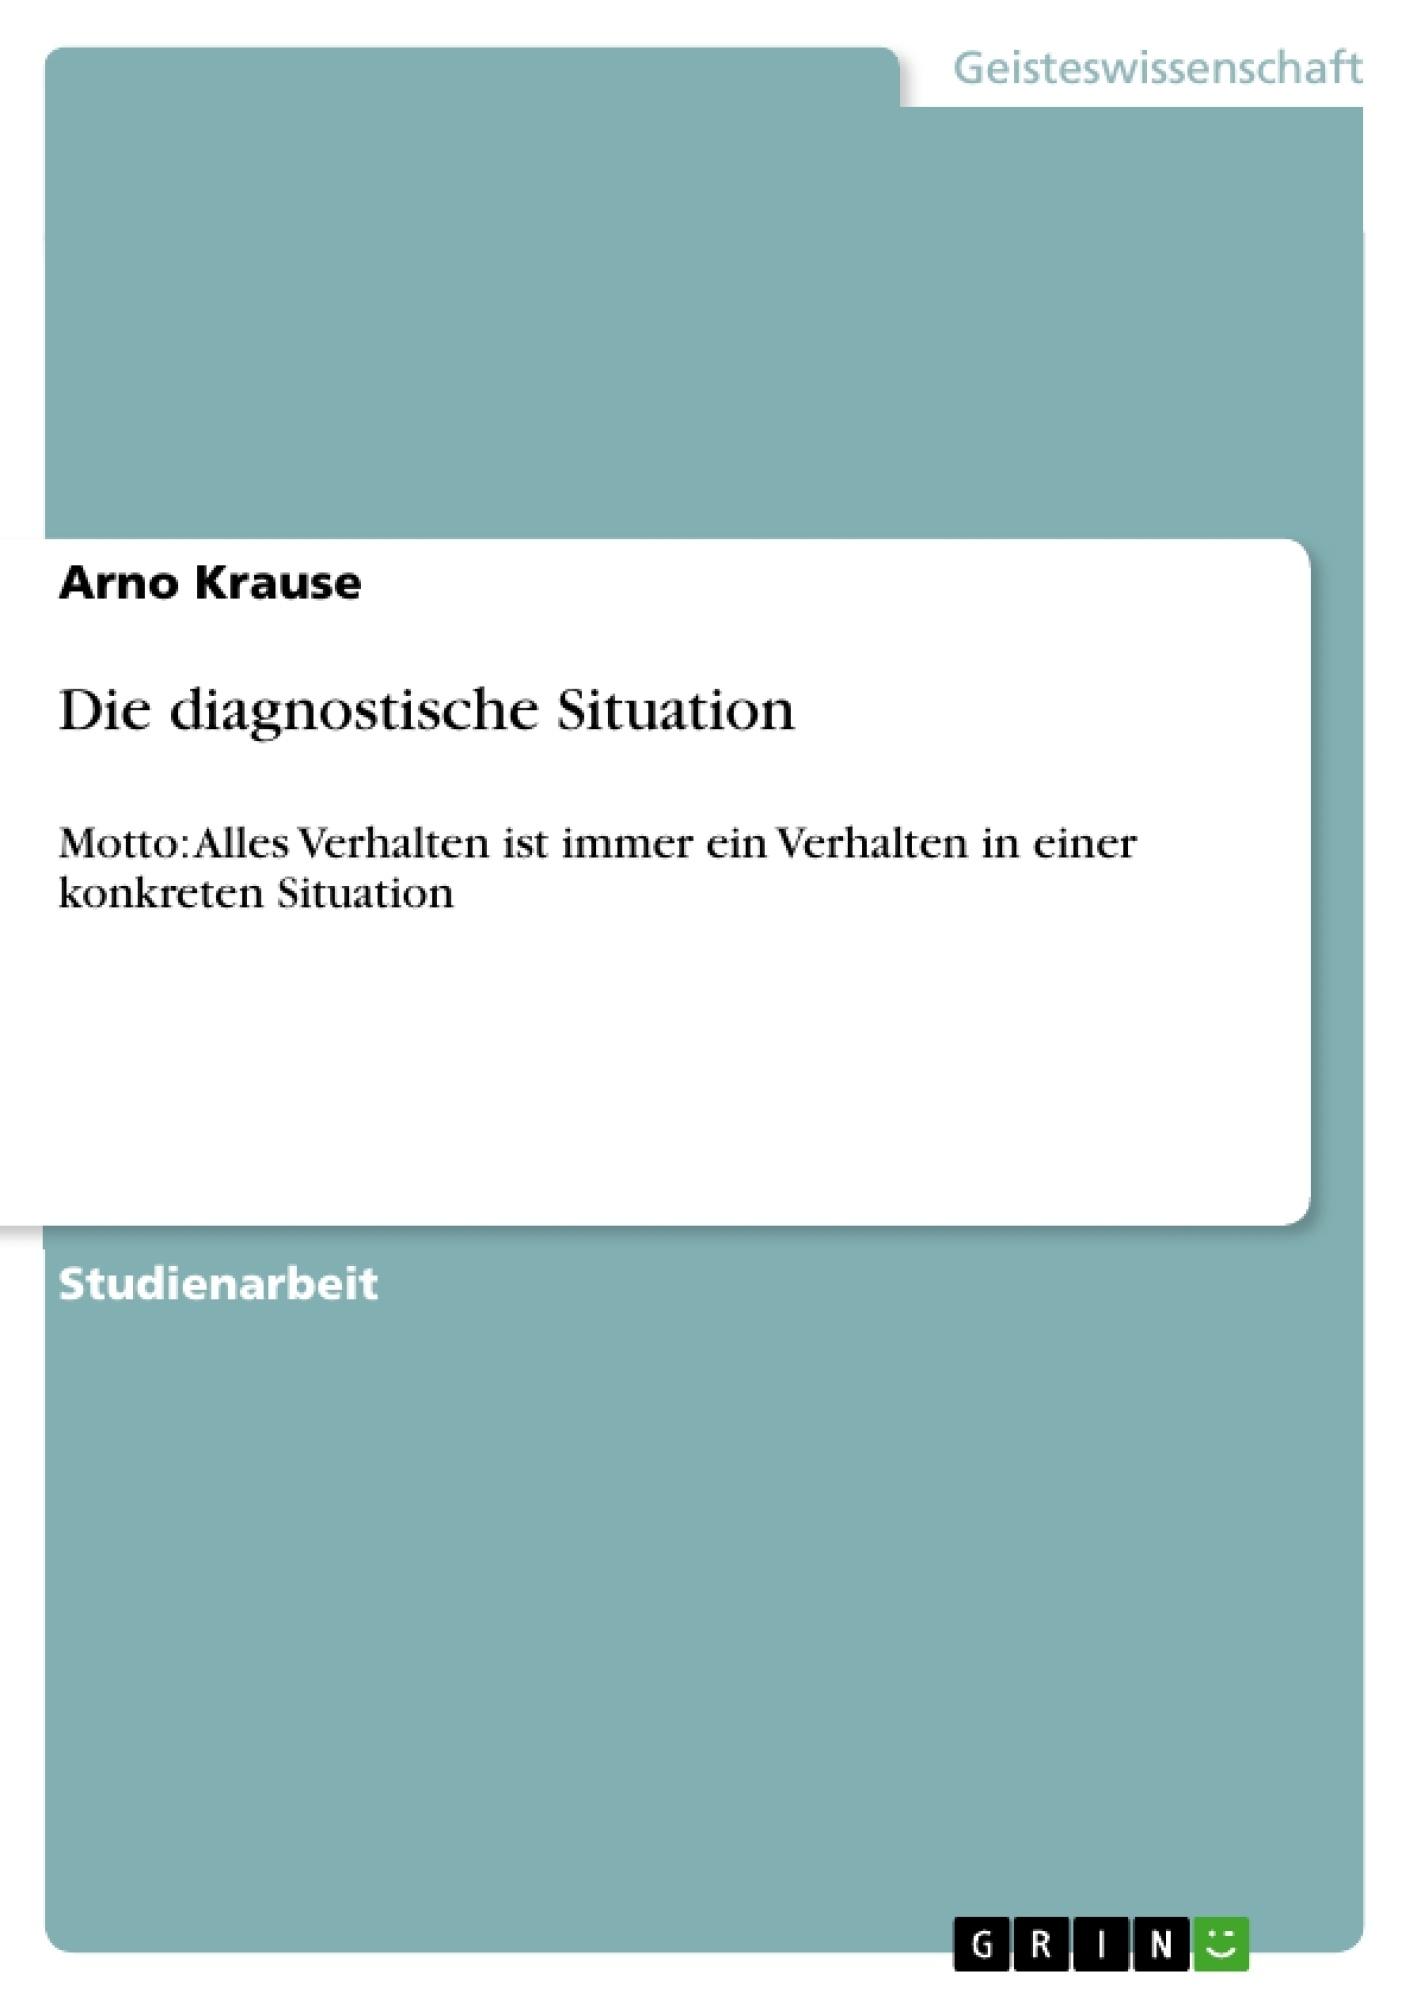 Titel: Die diagnostische Situation